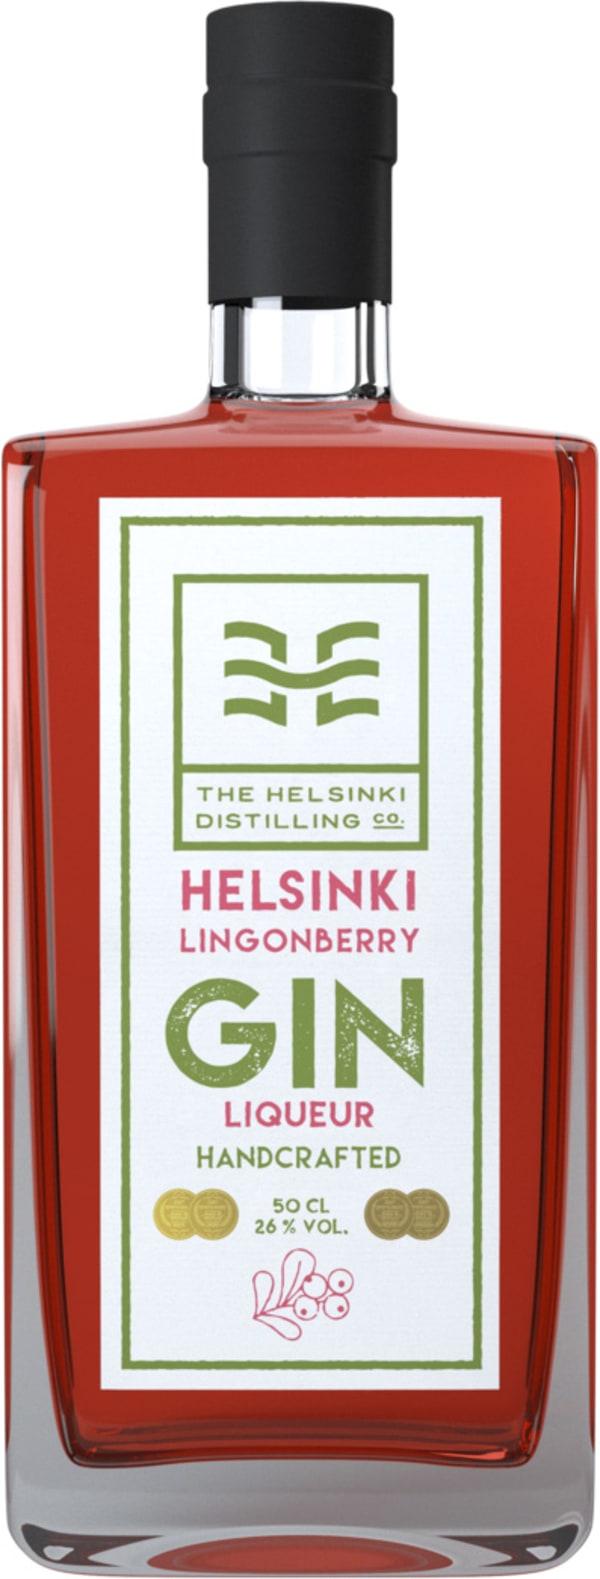 The Helsinki Distilling Puolukka-Gin